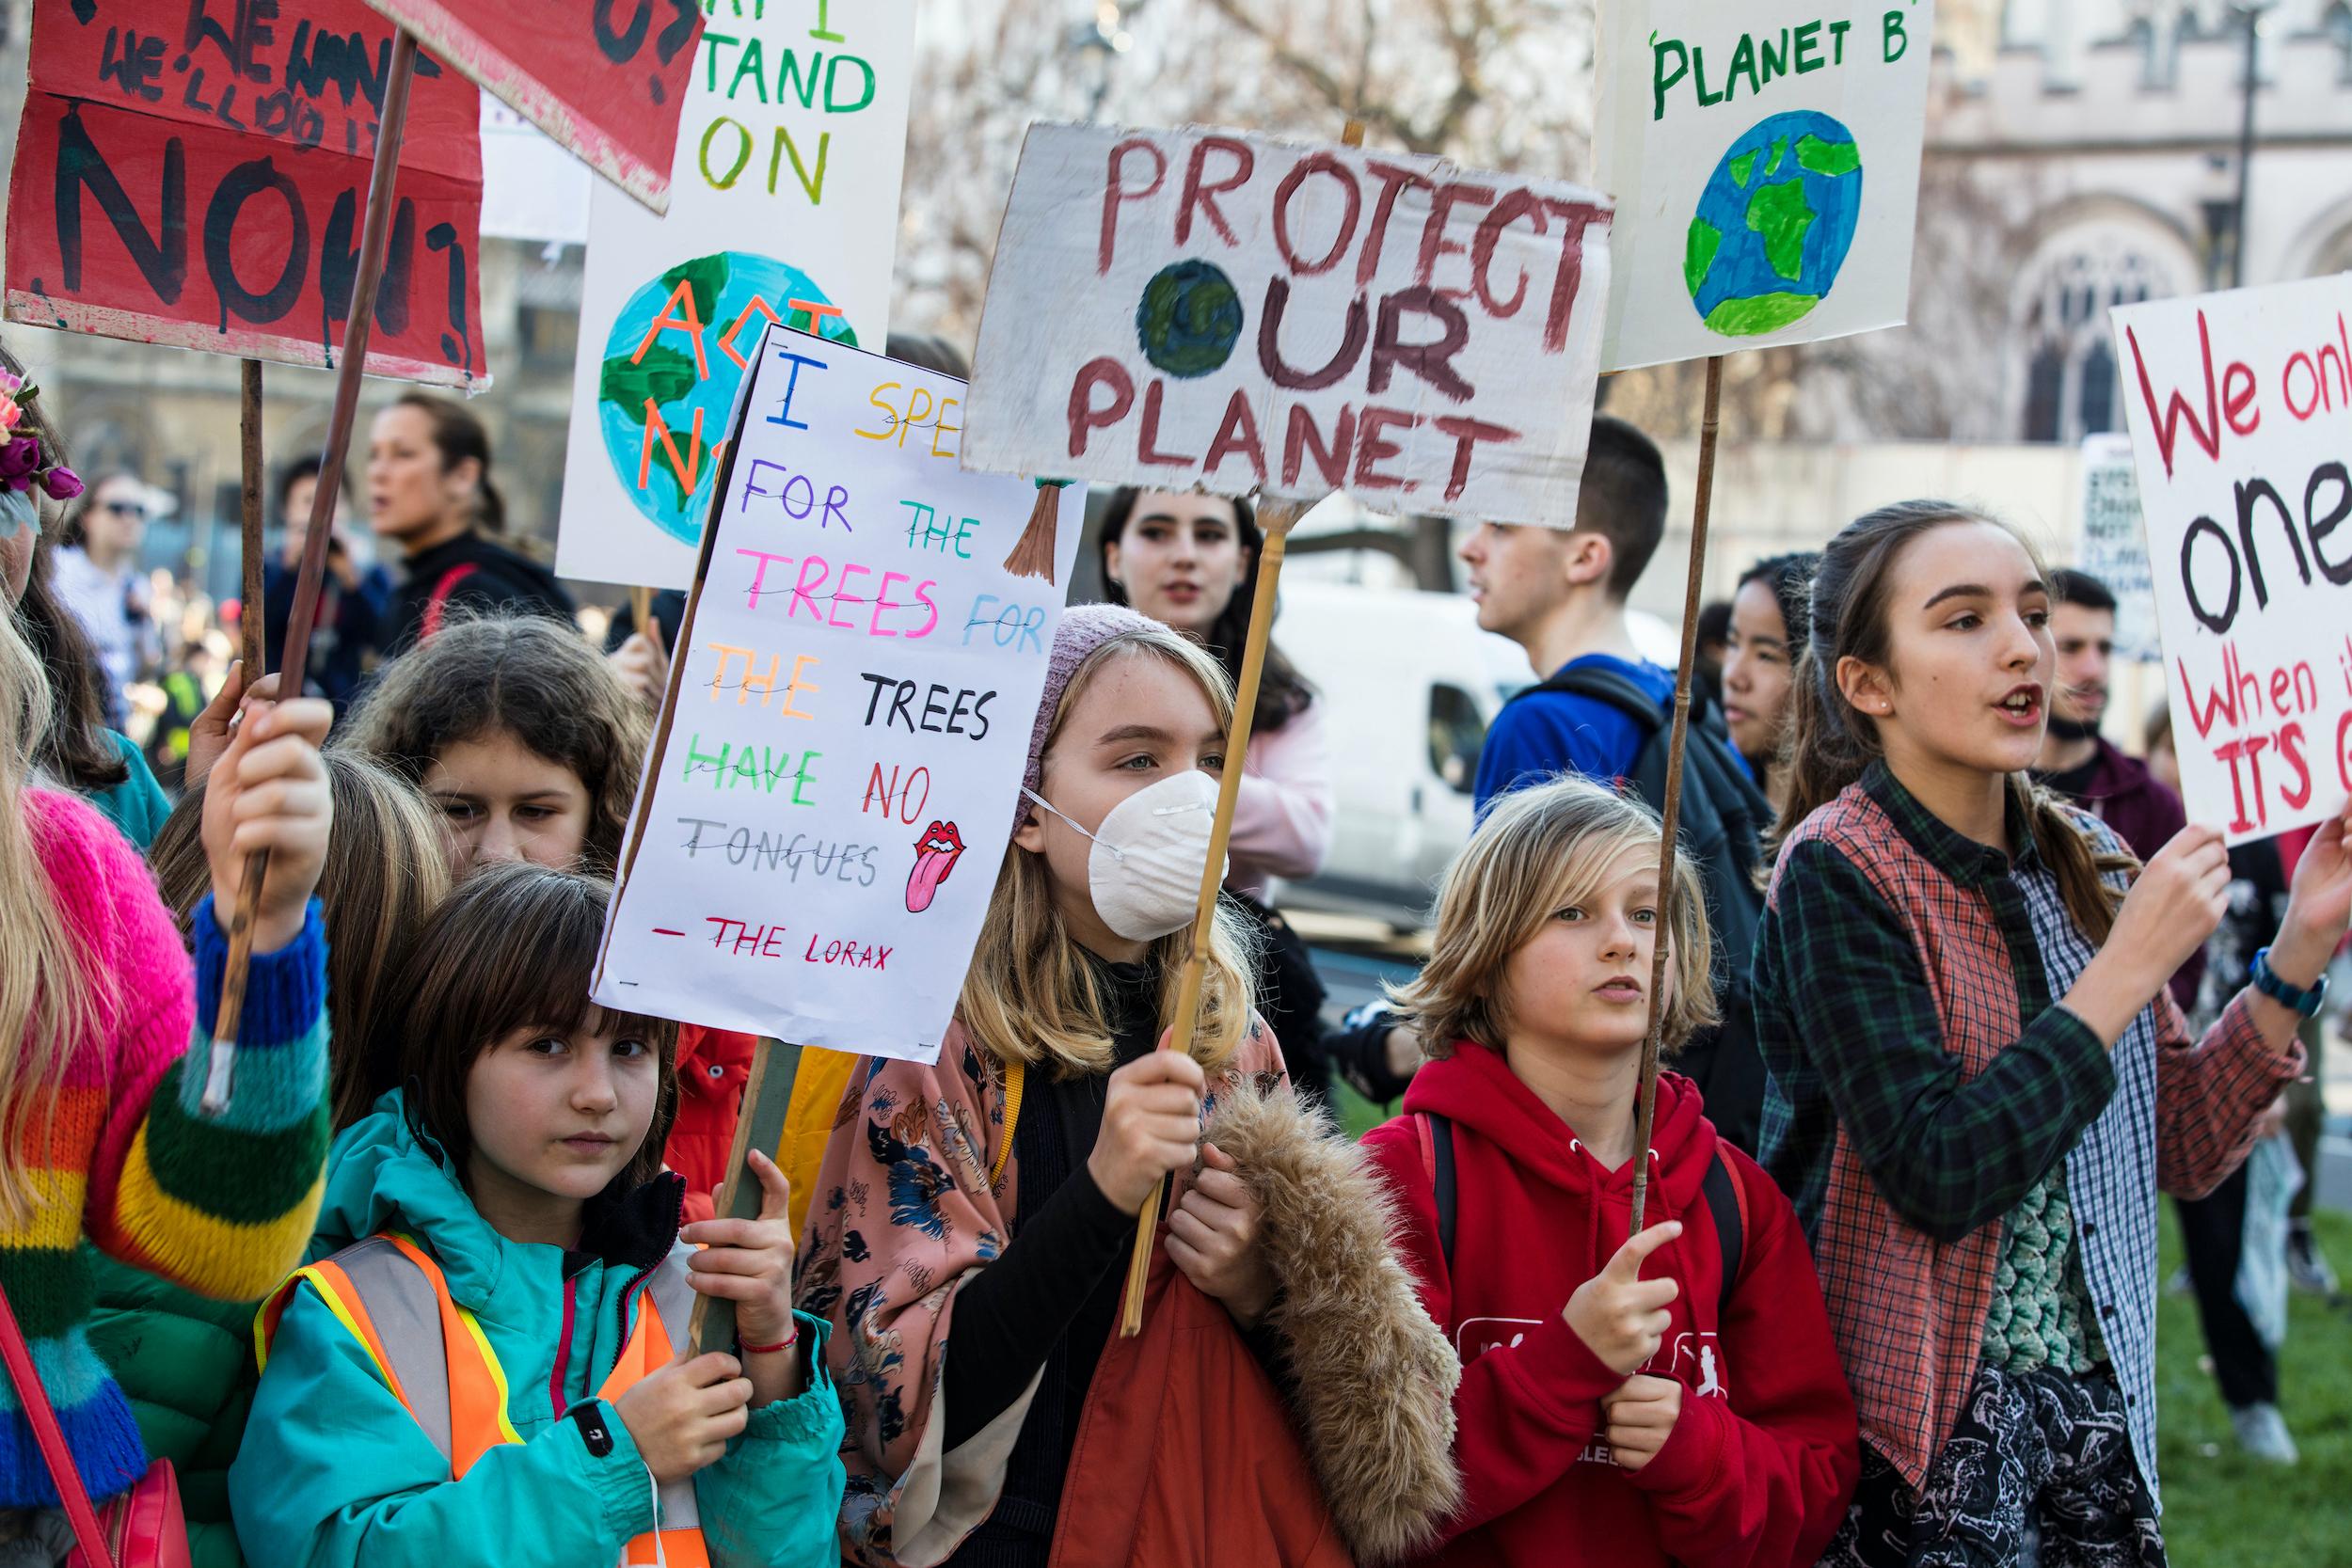 AFO letos promítne snímek Citizen Nobel o Jacquesovi Dubochetovi, jde o portrét držitele Nobelovy ceny za chemii, který svůj hlas využívá v kampani proti klimatické krizi.